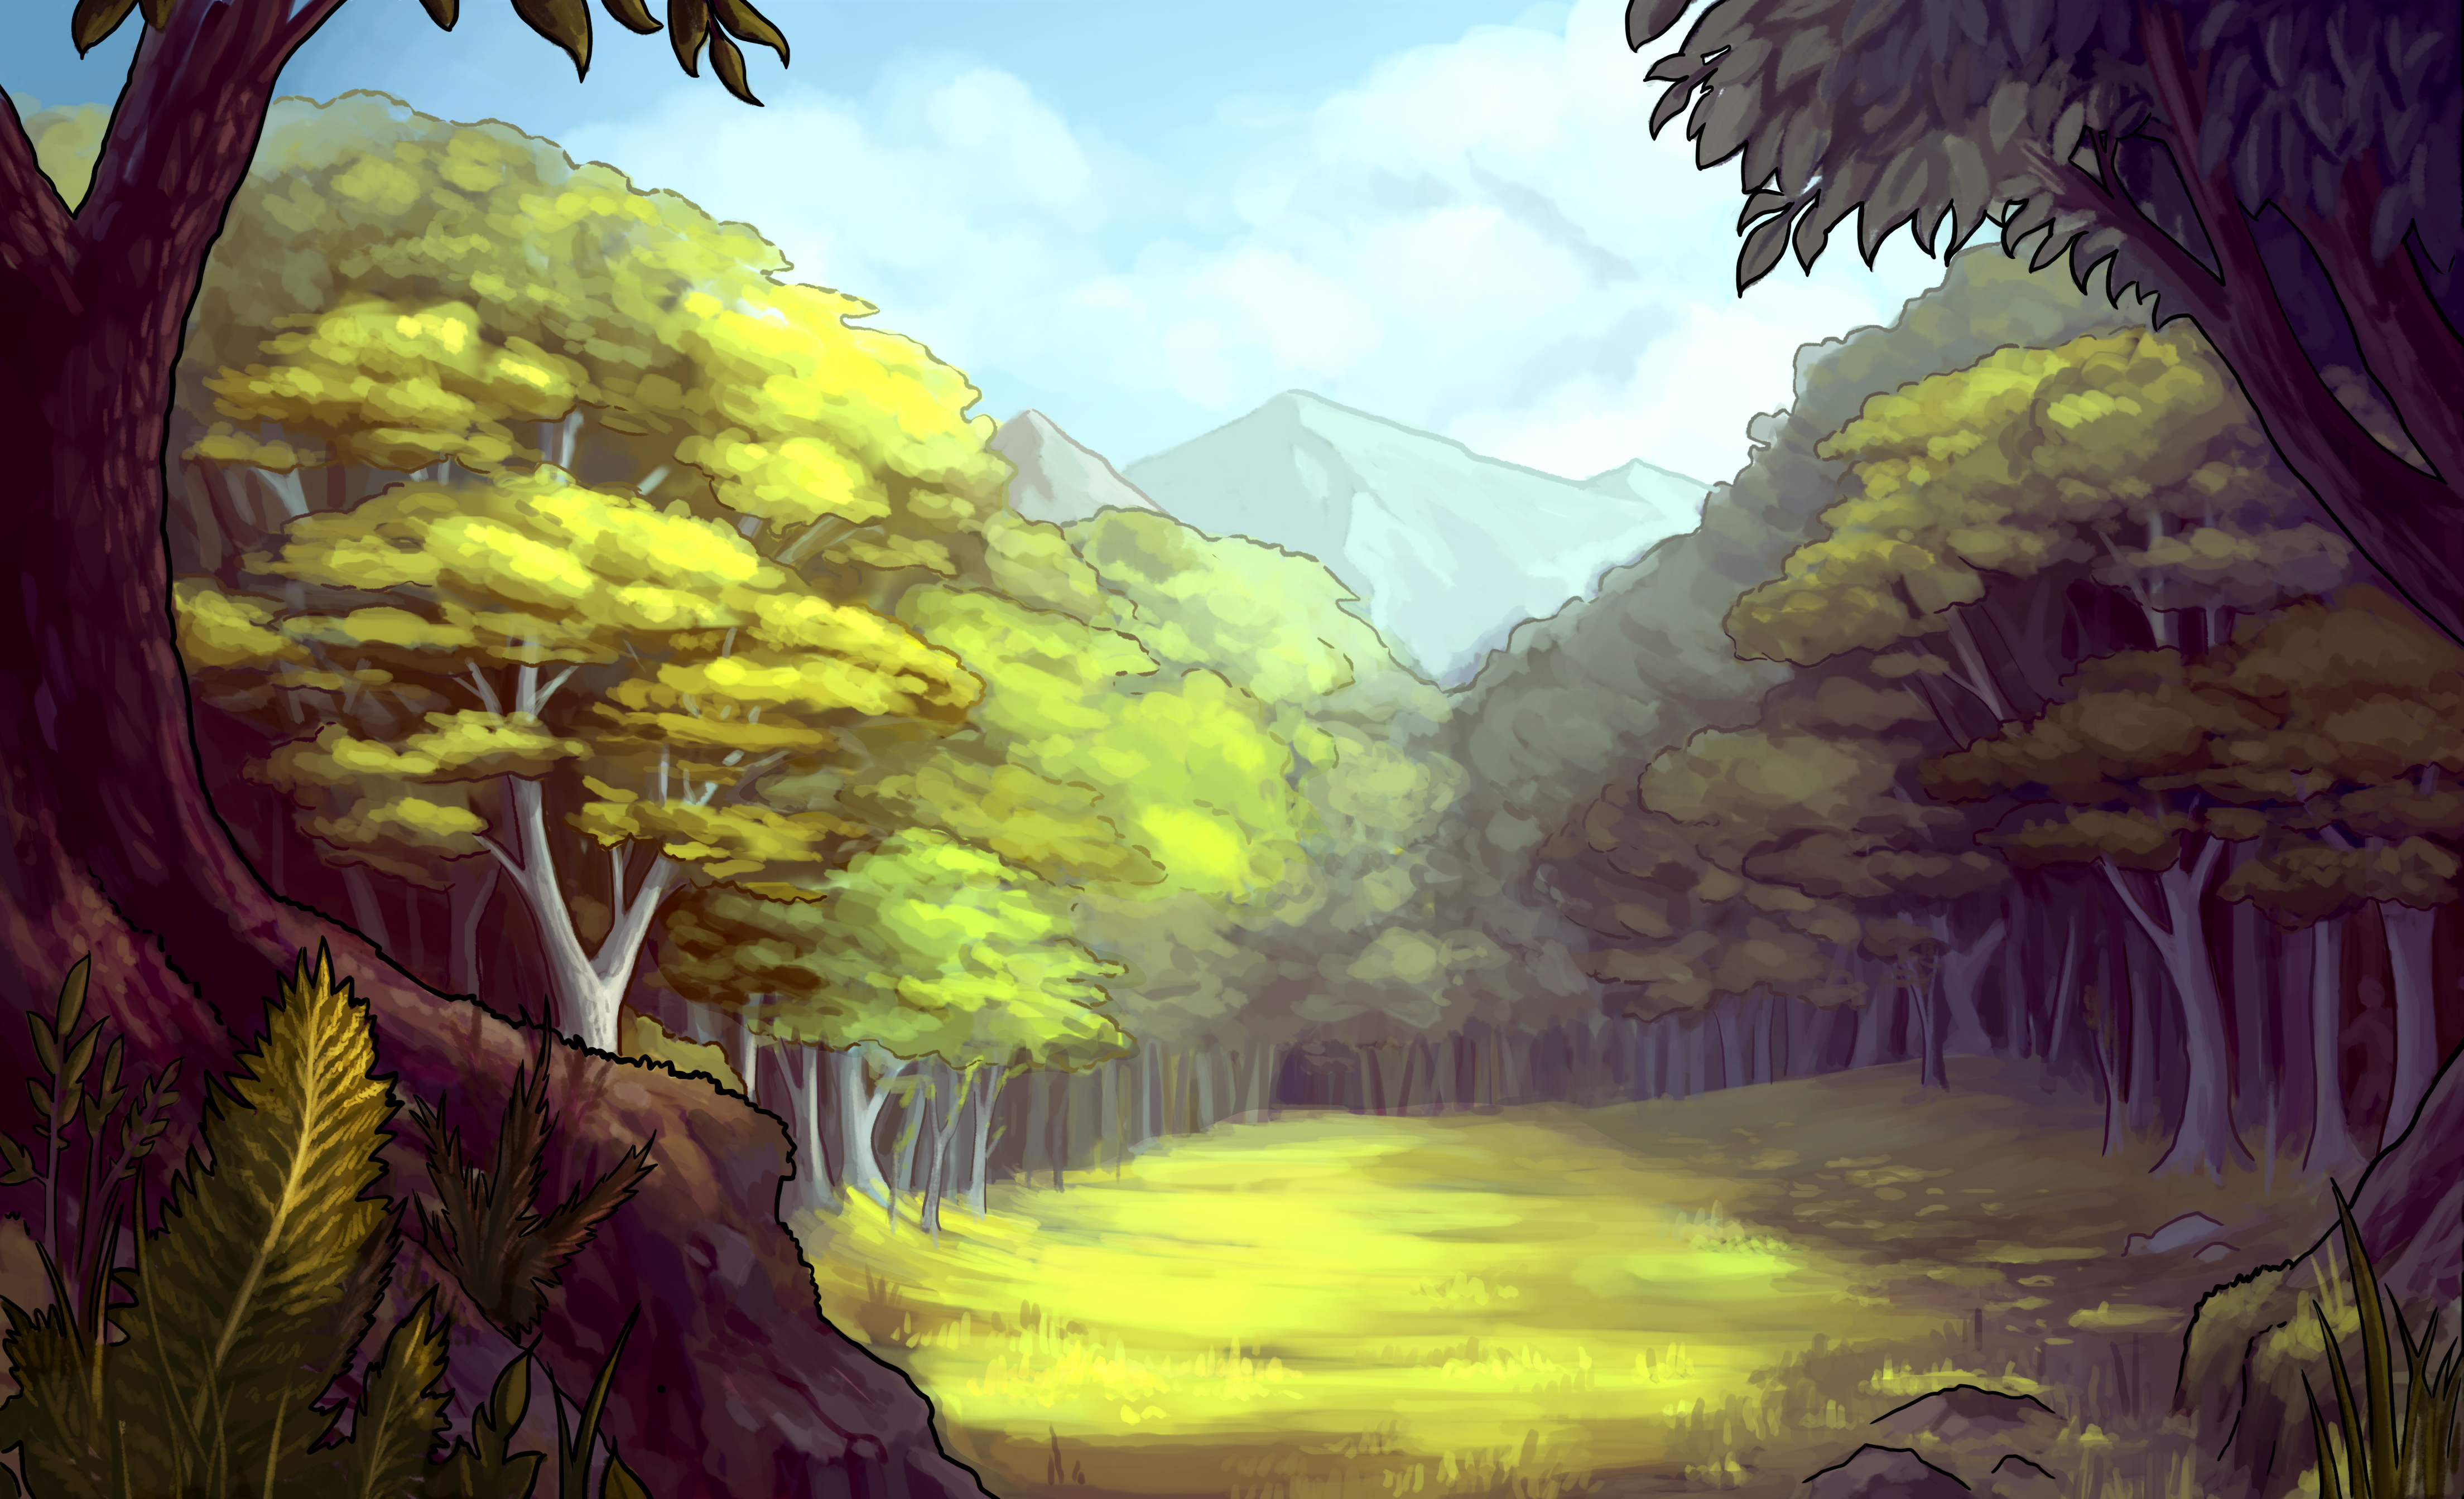 Landscape_Forest.jpg